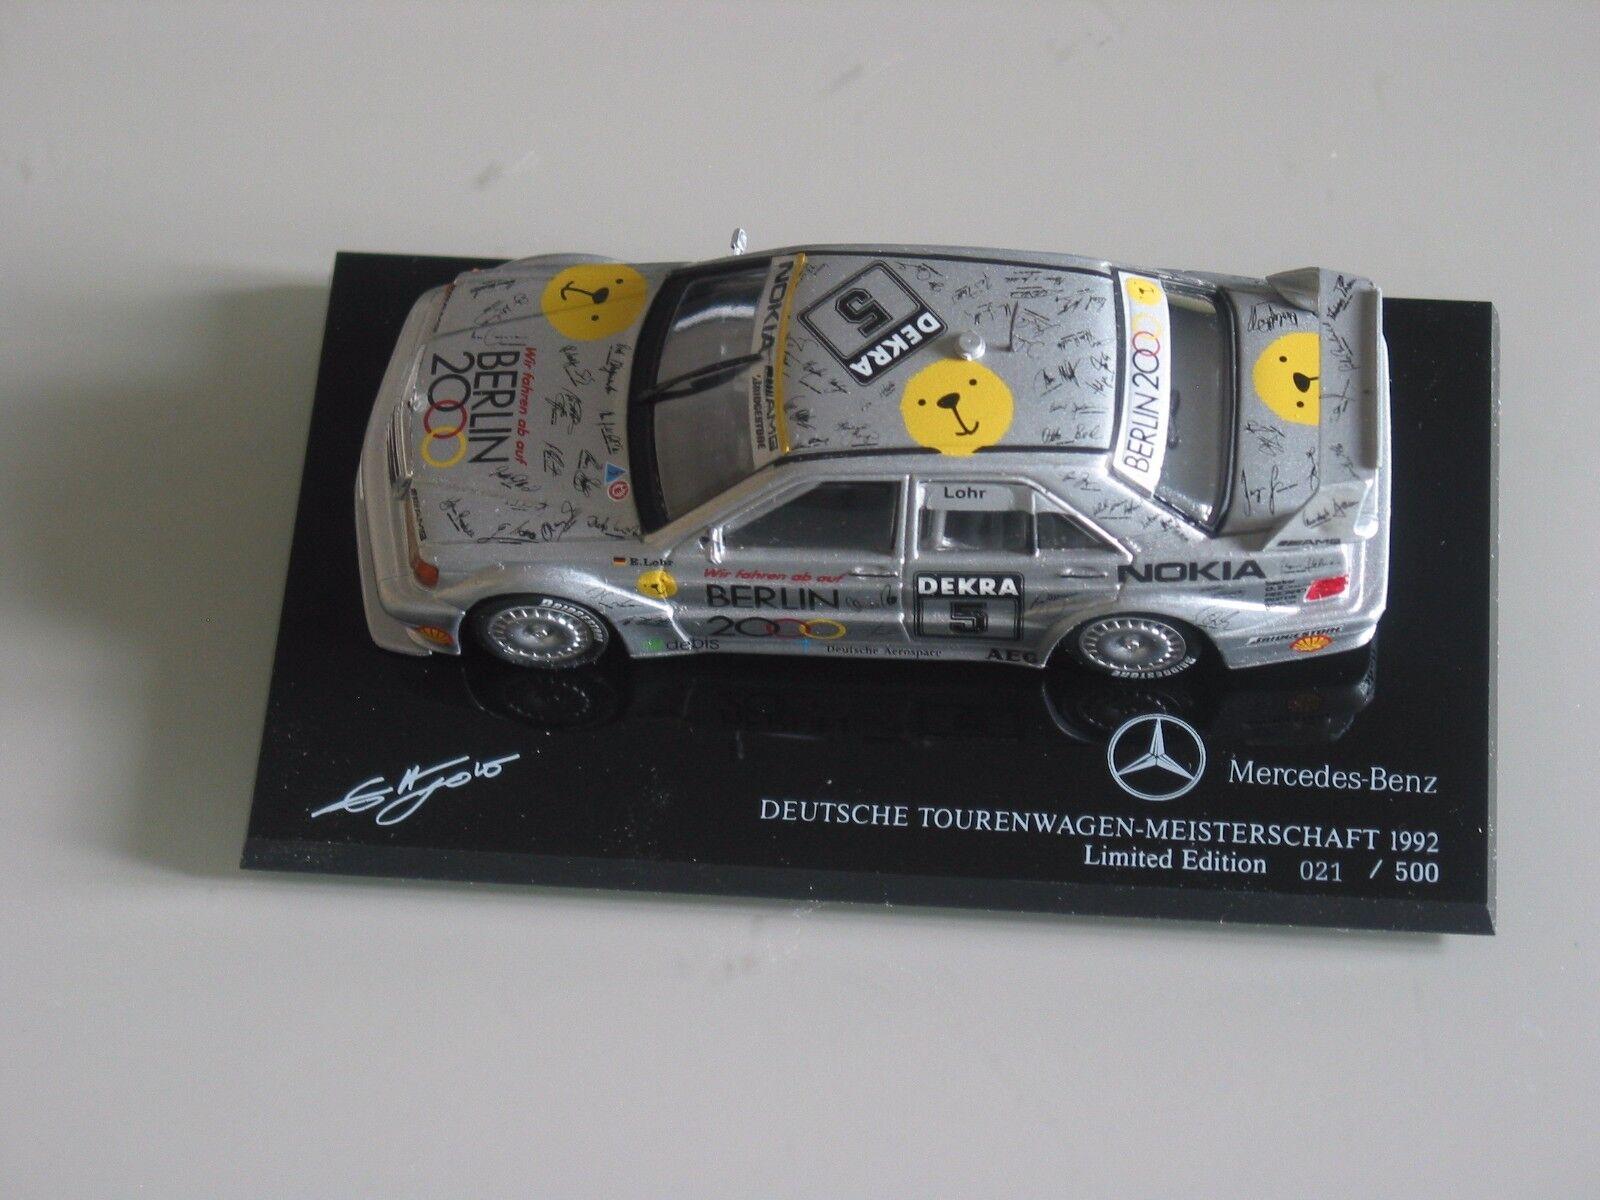 DEUTSCHE TOURENWAGEN MEISTERSCHAFT MEISTERSCHAFT MEISTERSCHAFT  Mercedes 190E LOHR 1992 limited Minichamps 754324